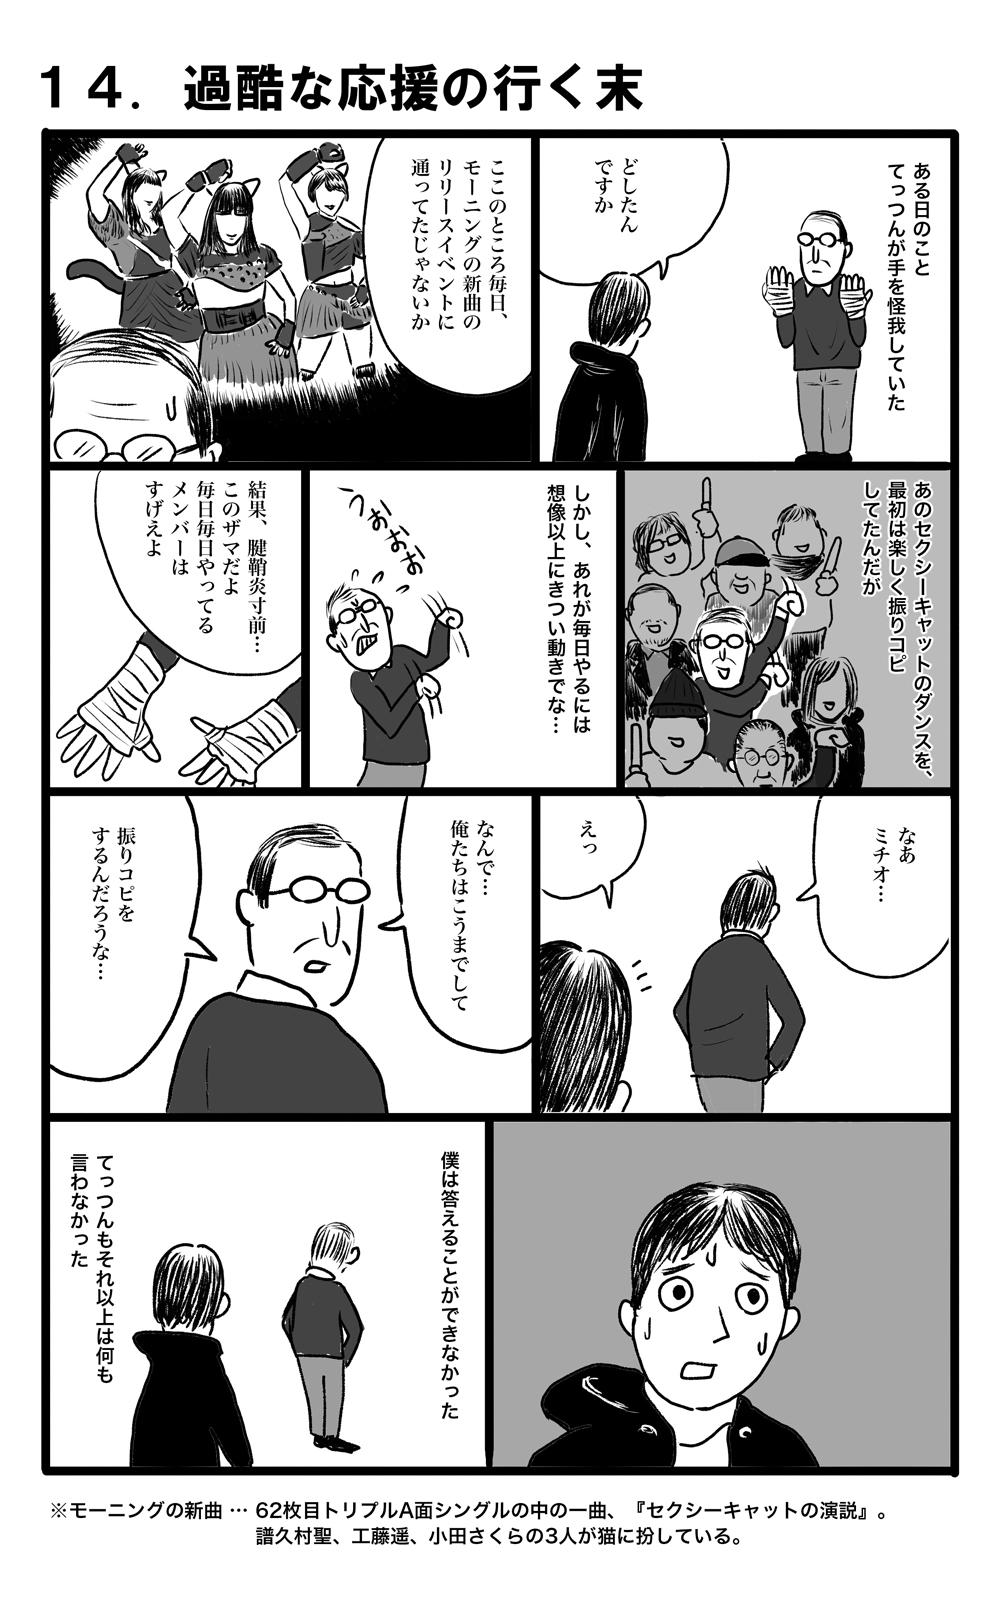 tsurugi-mikito-014